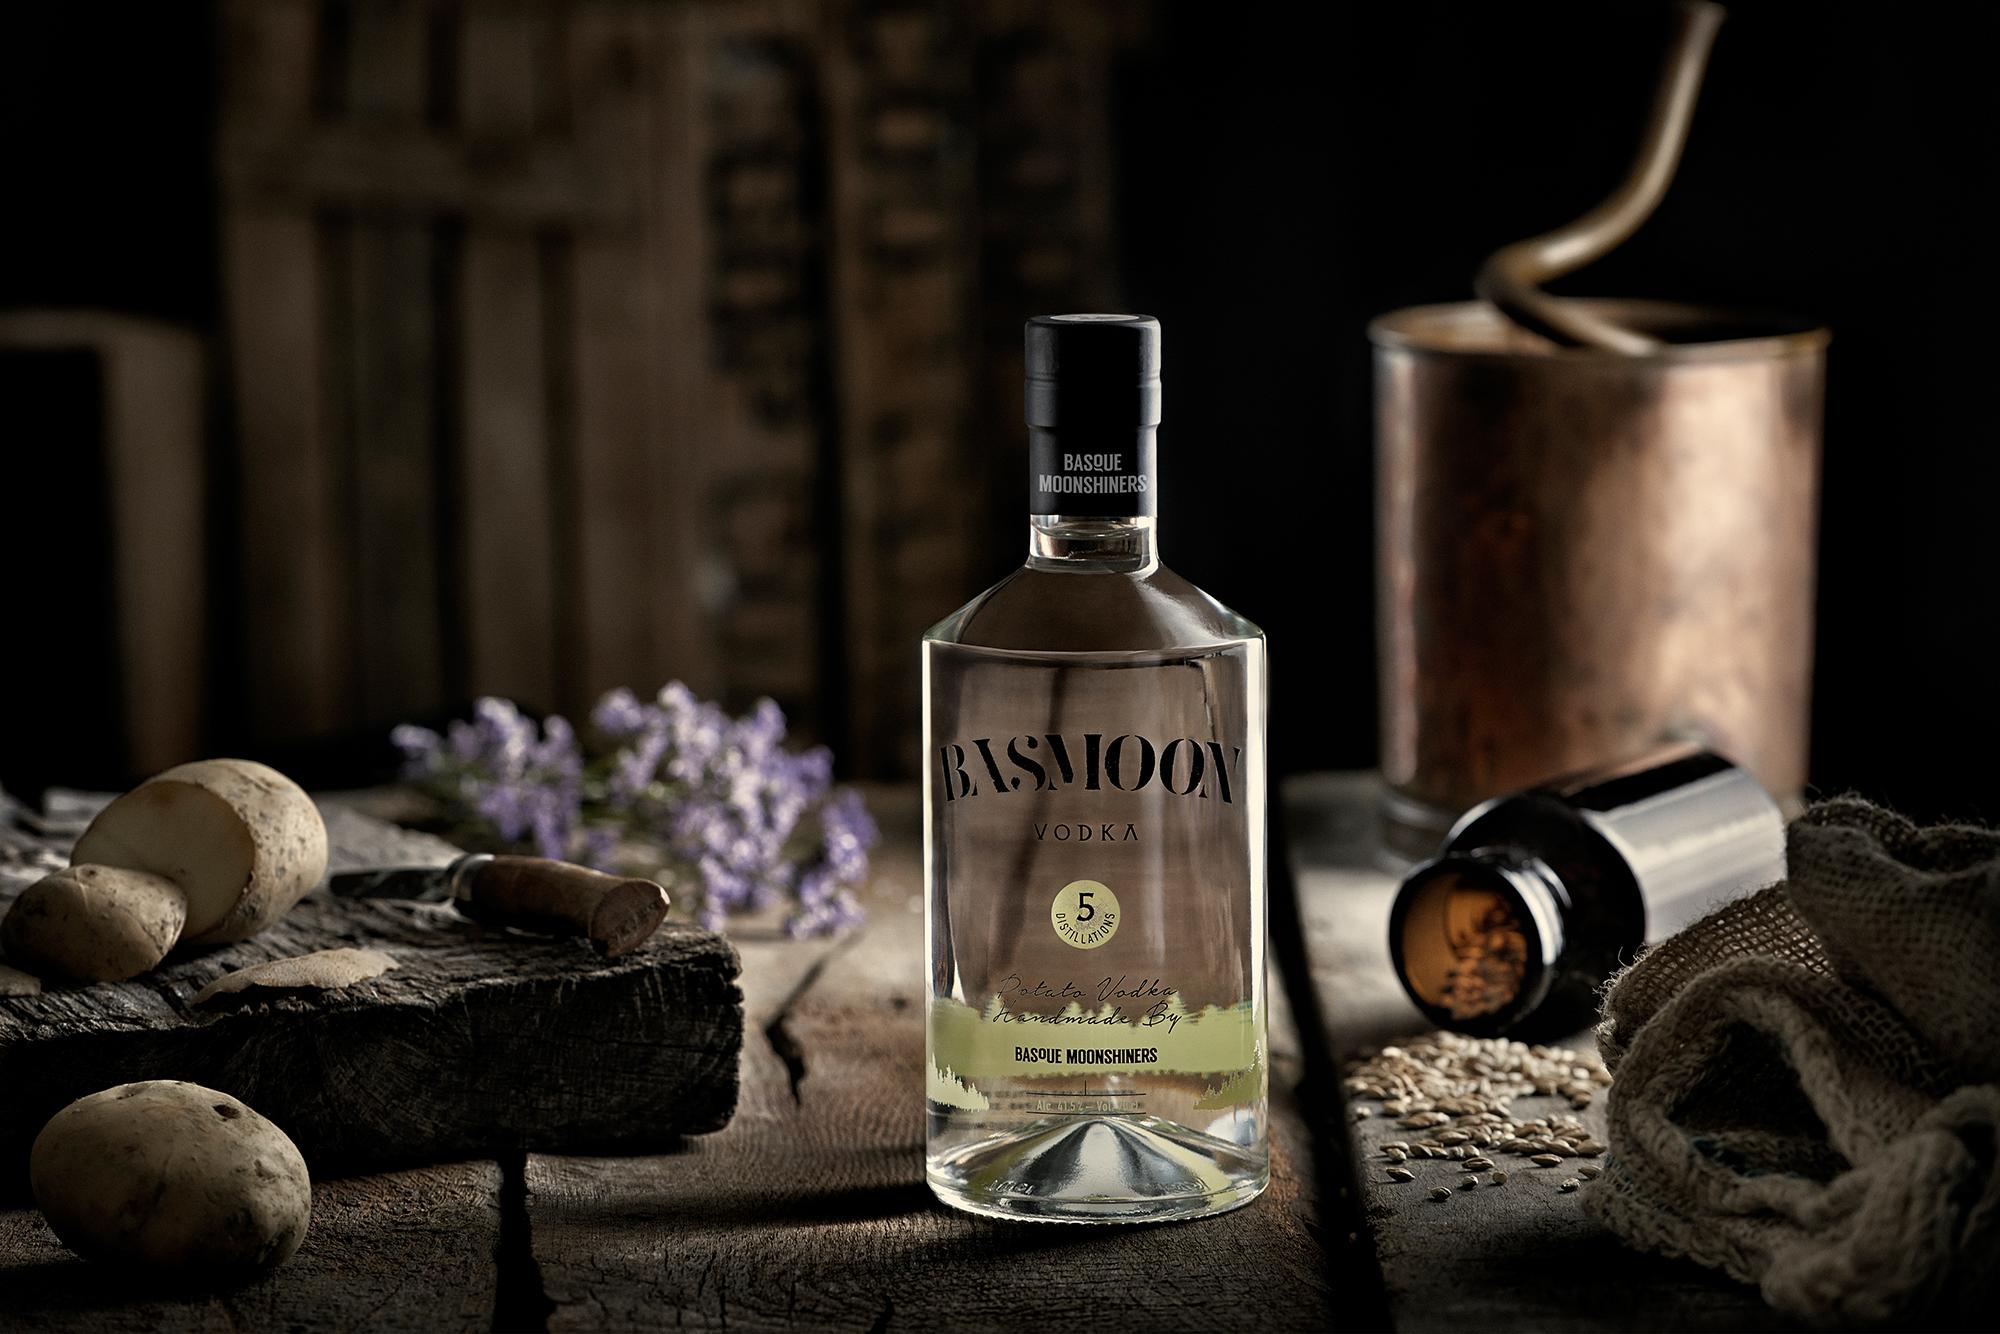 Basmoon-Vodka-2